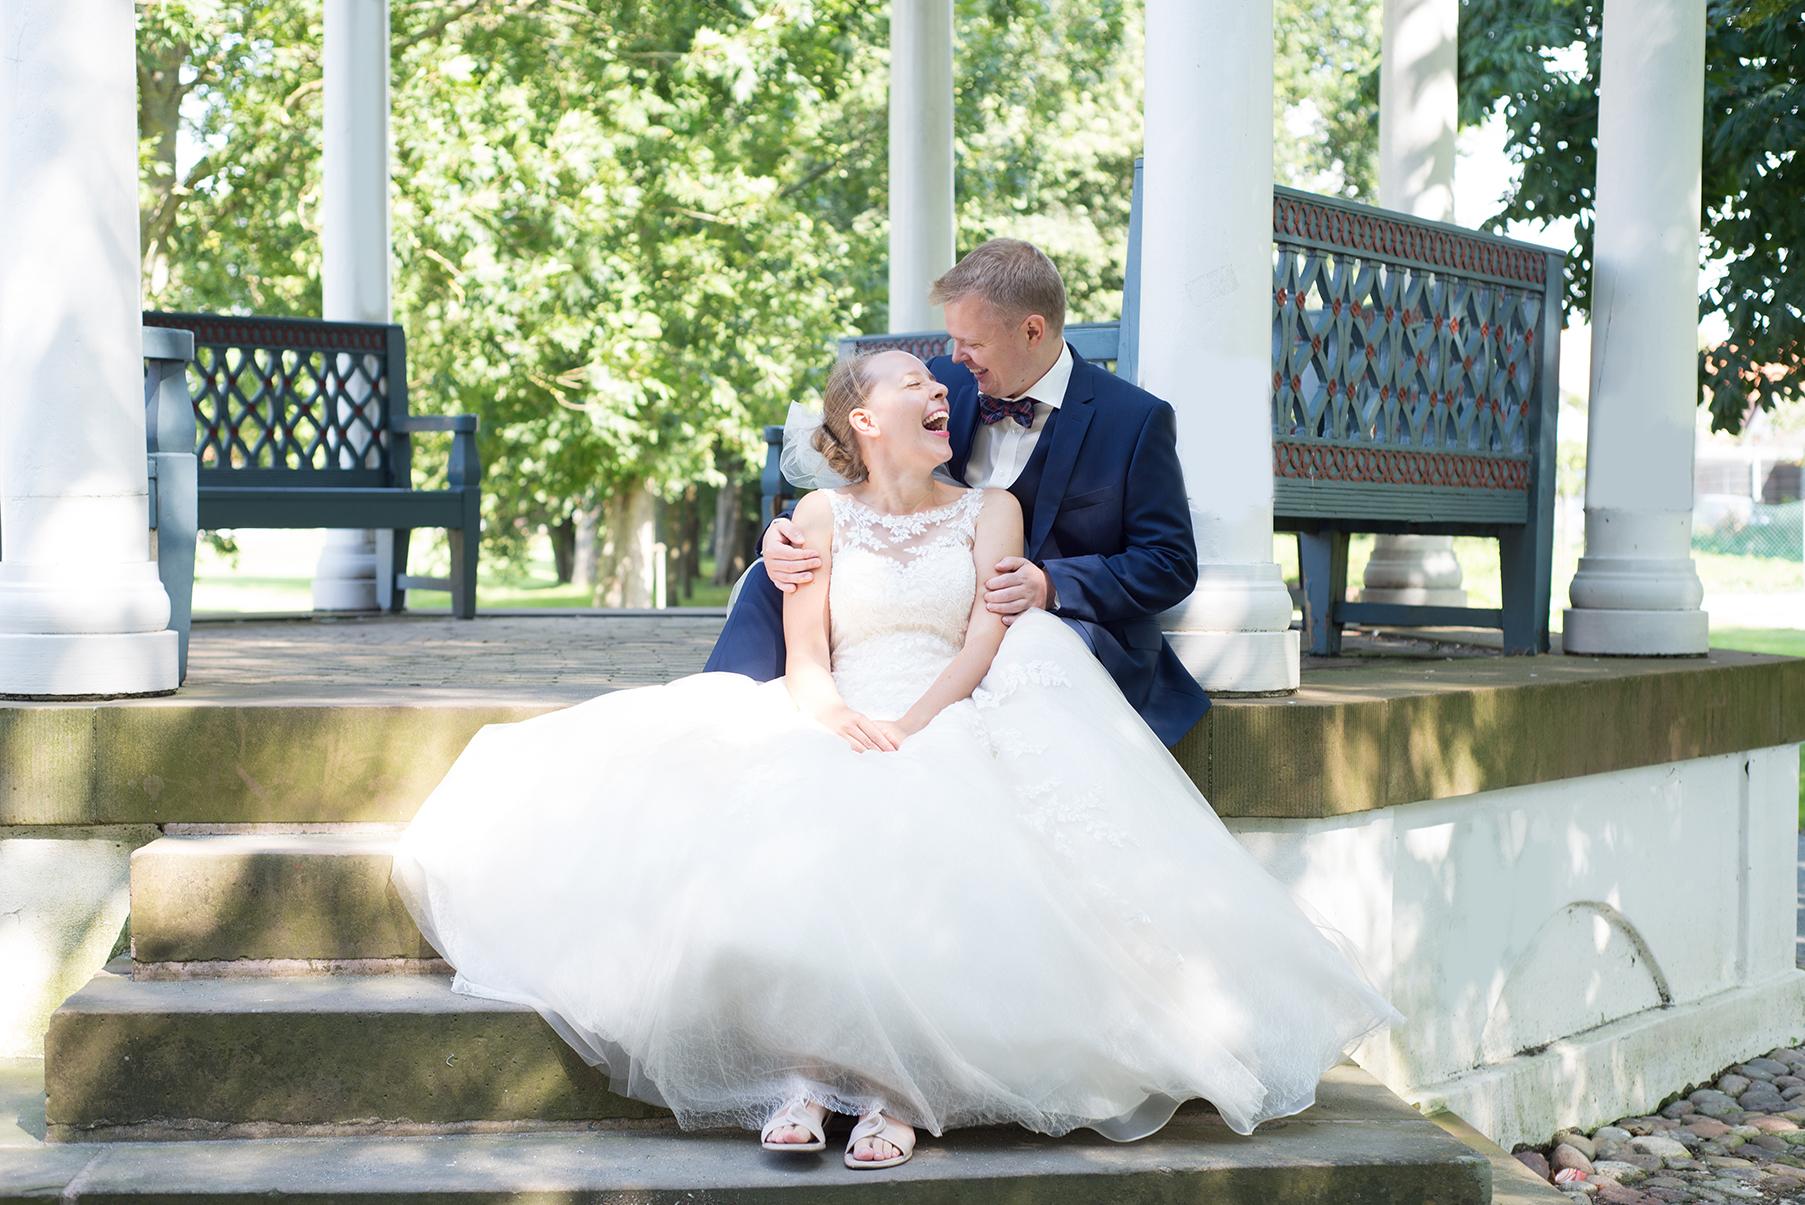 Bryllupspakke 4. - 12 timers fotografering. Jeg er med jer hele dagen.Pris: 23.000 kr